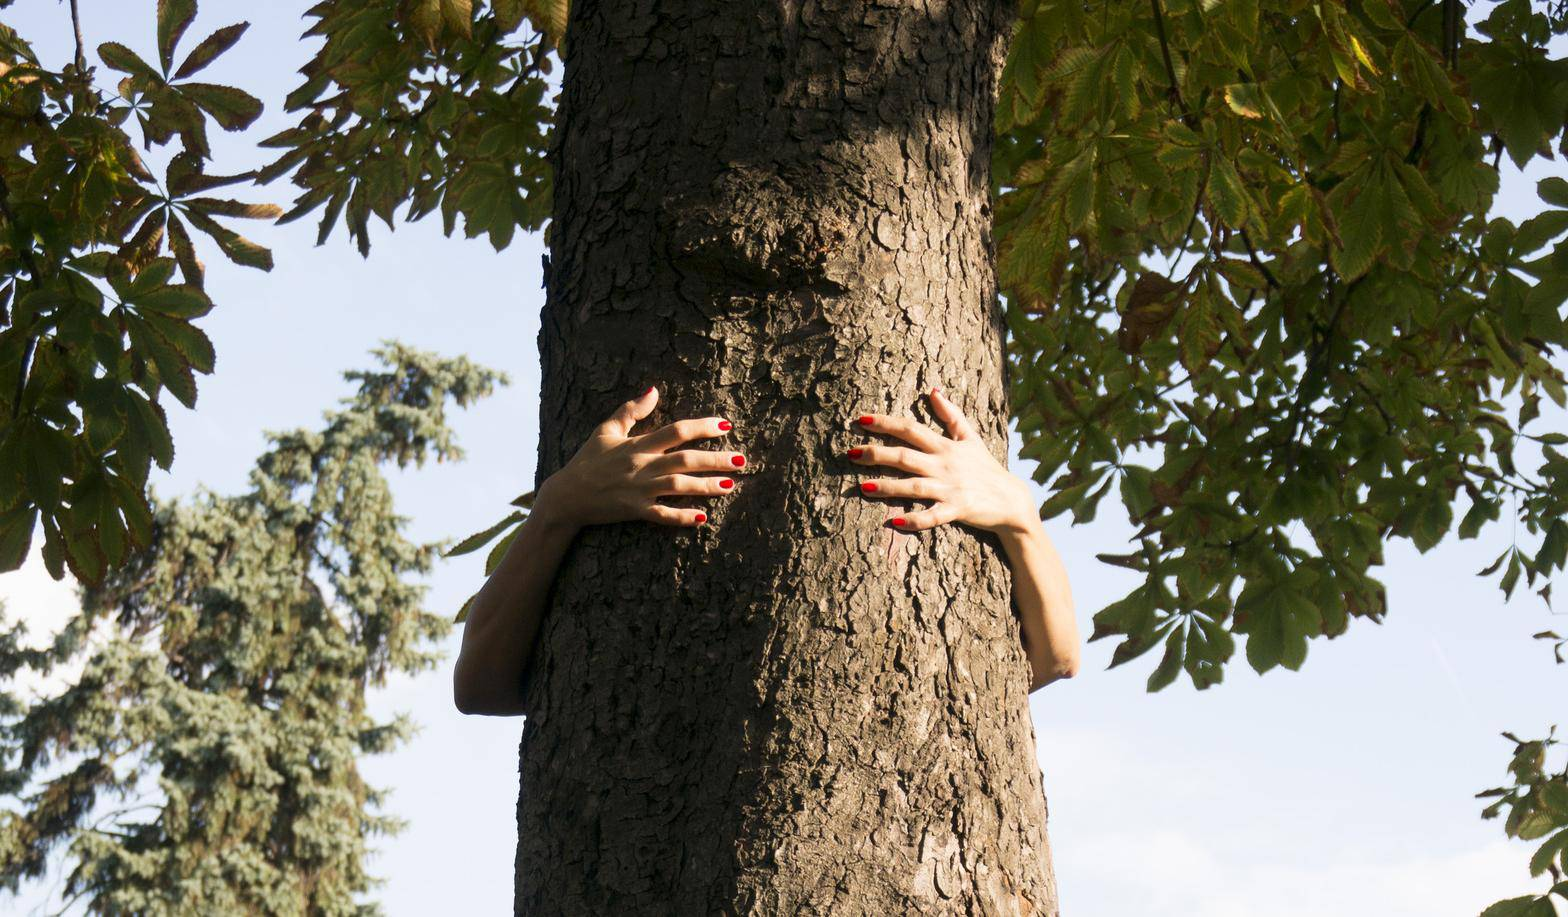 hands hugging a tree